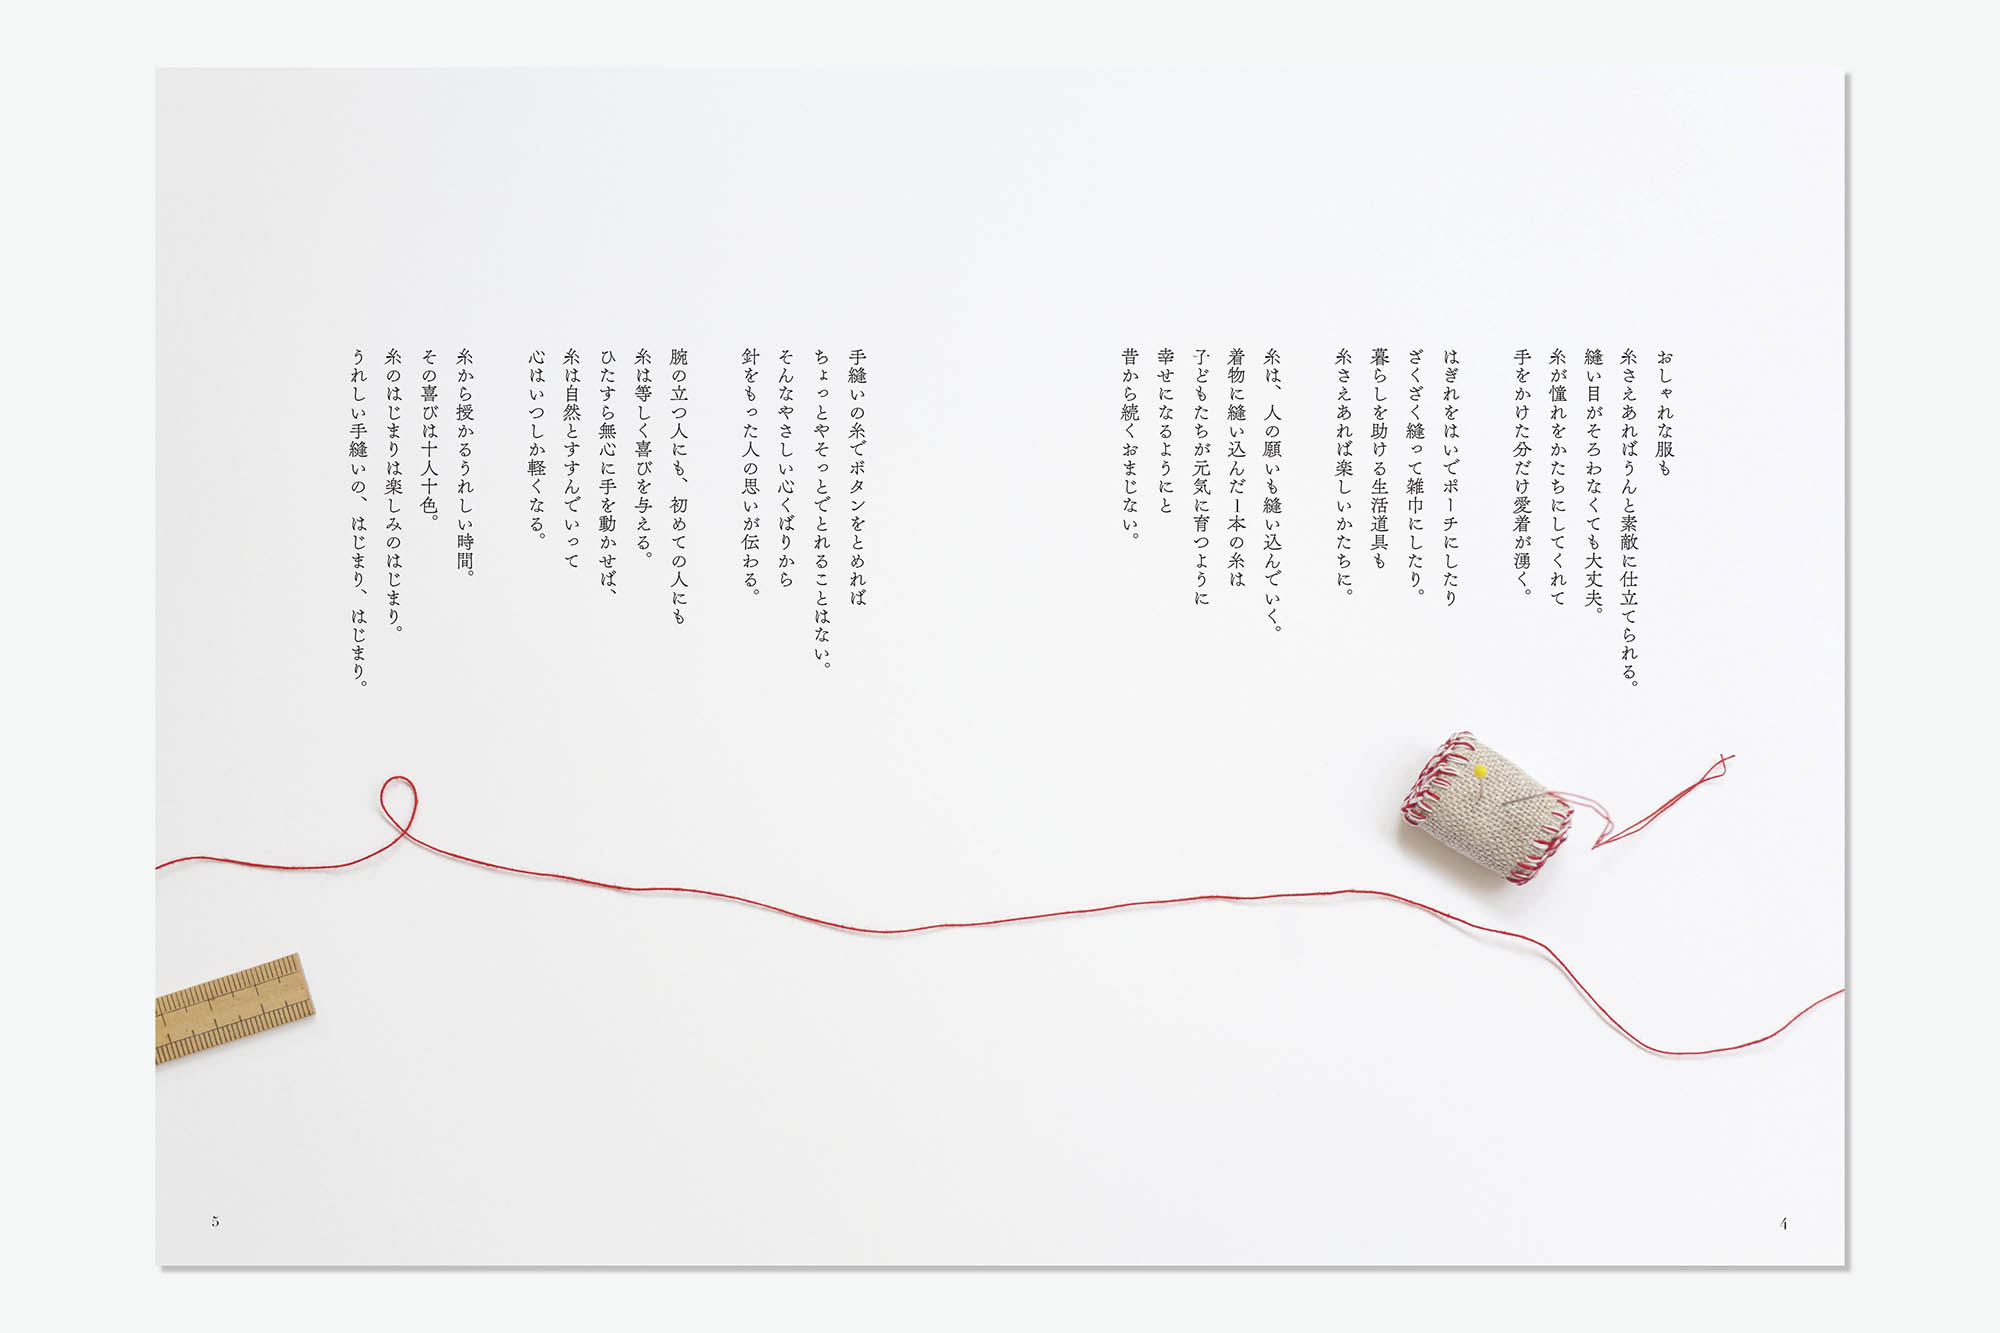 うれしい手縫い 装幀 デザイン イントロダクション2